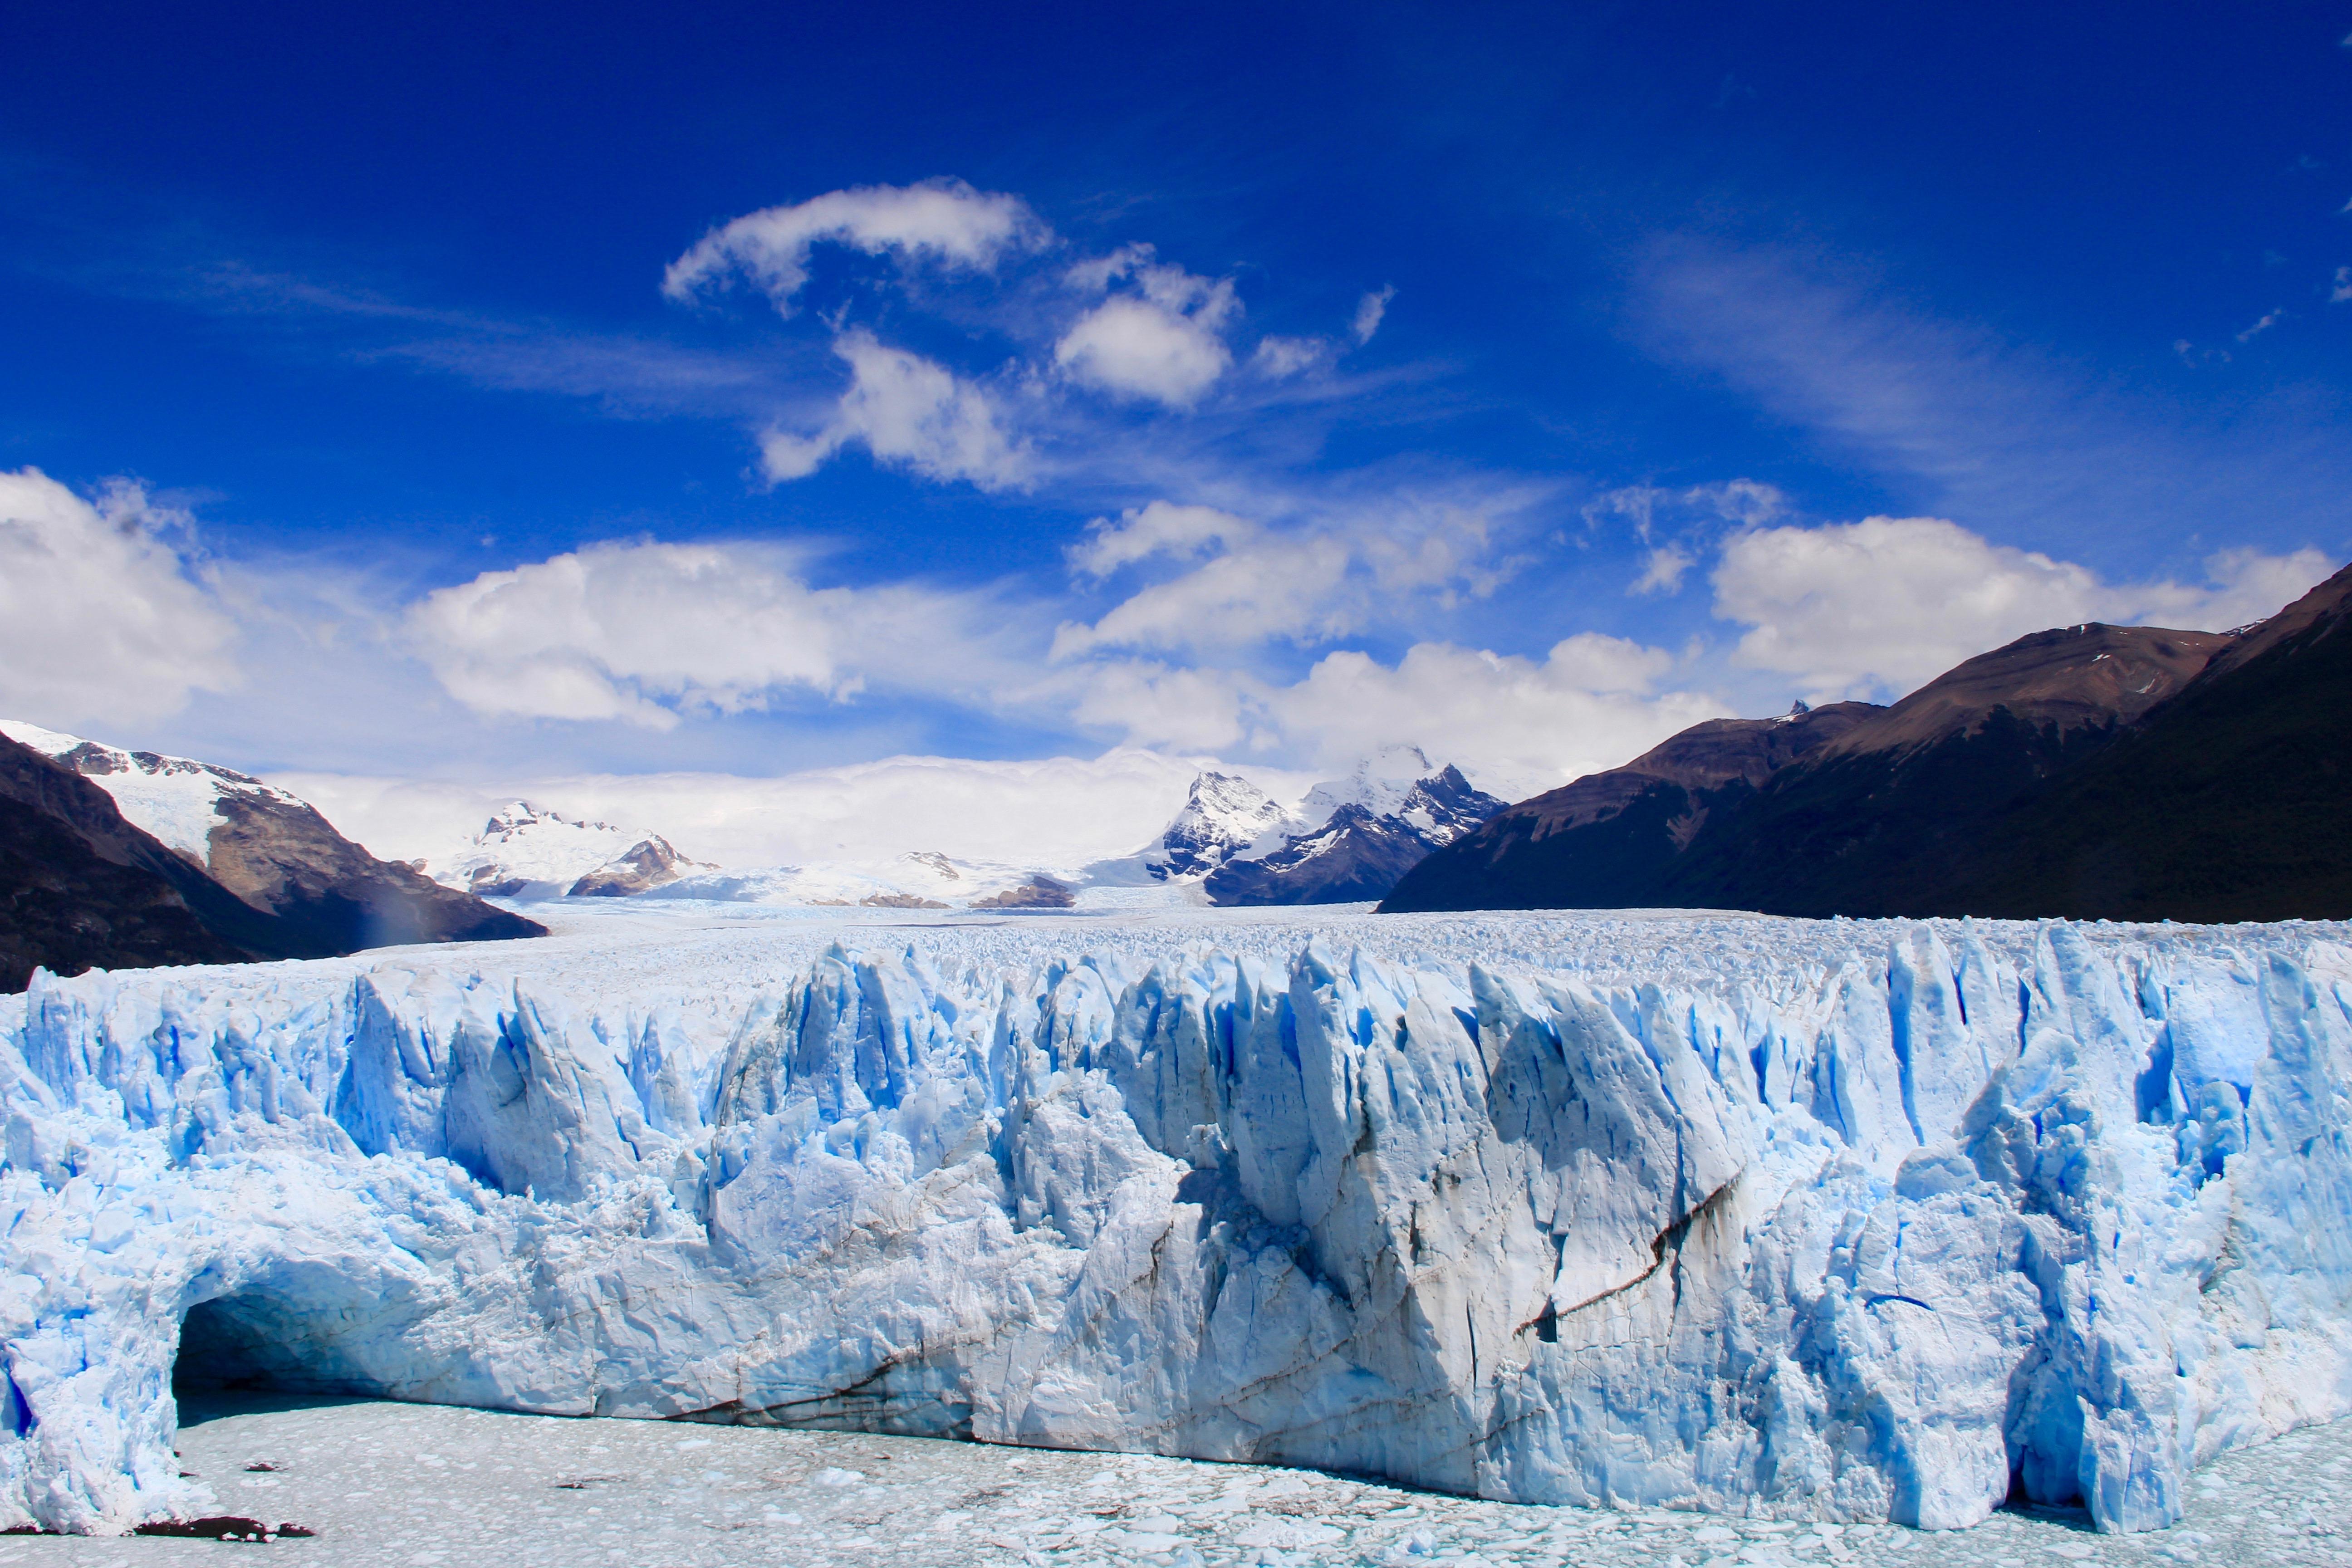 Des nouvelles de Patagonie, au pays des glaciers